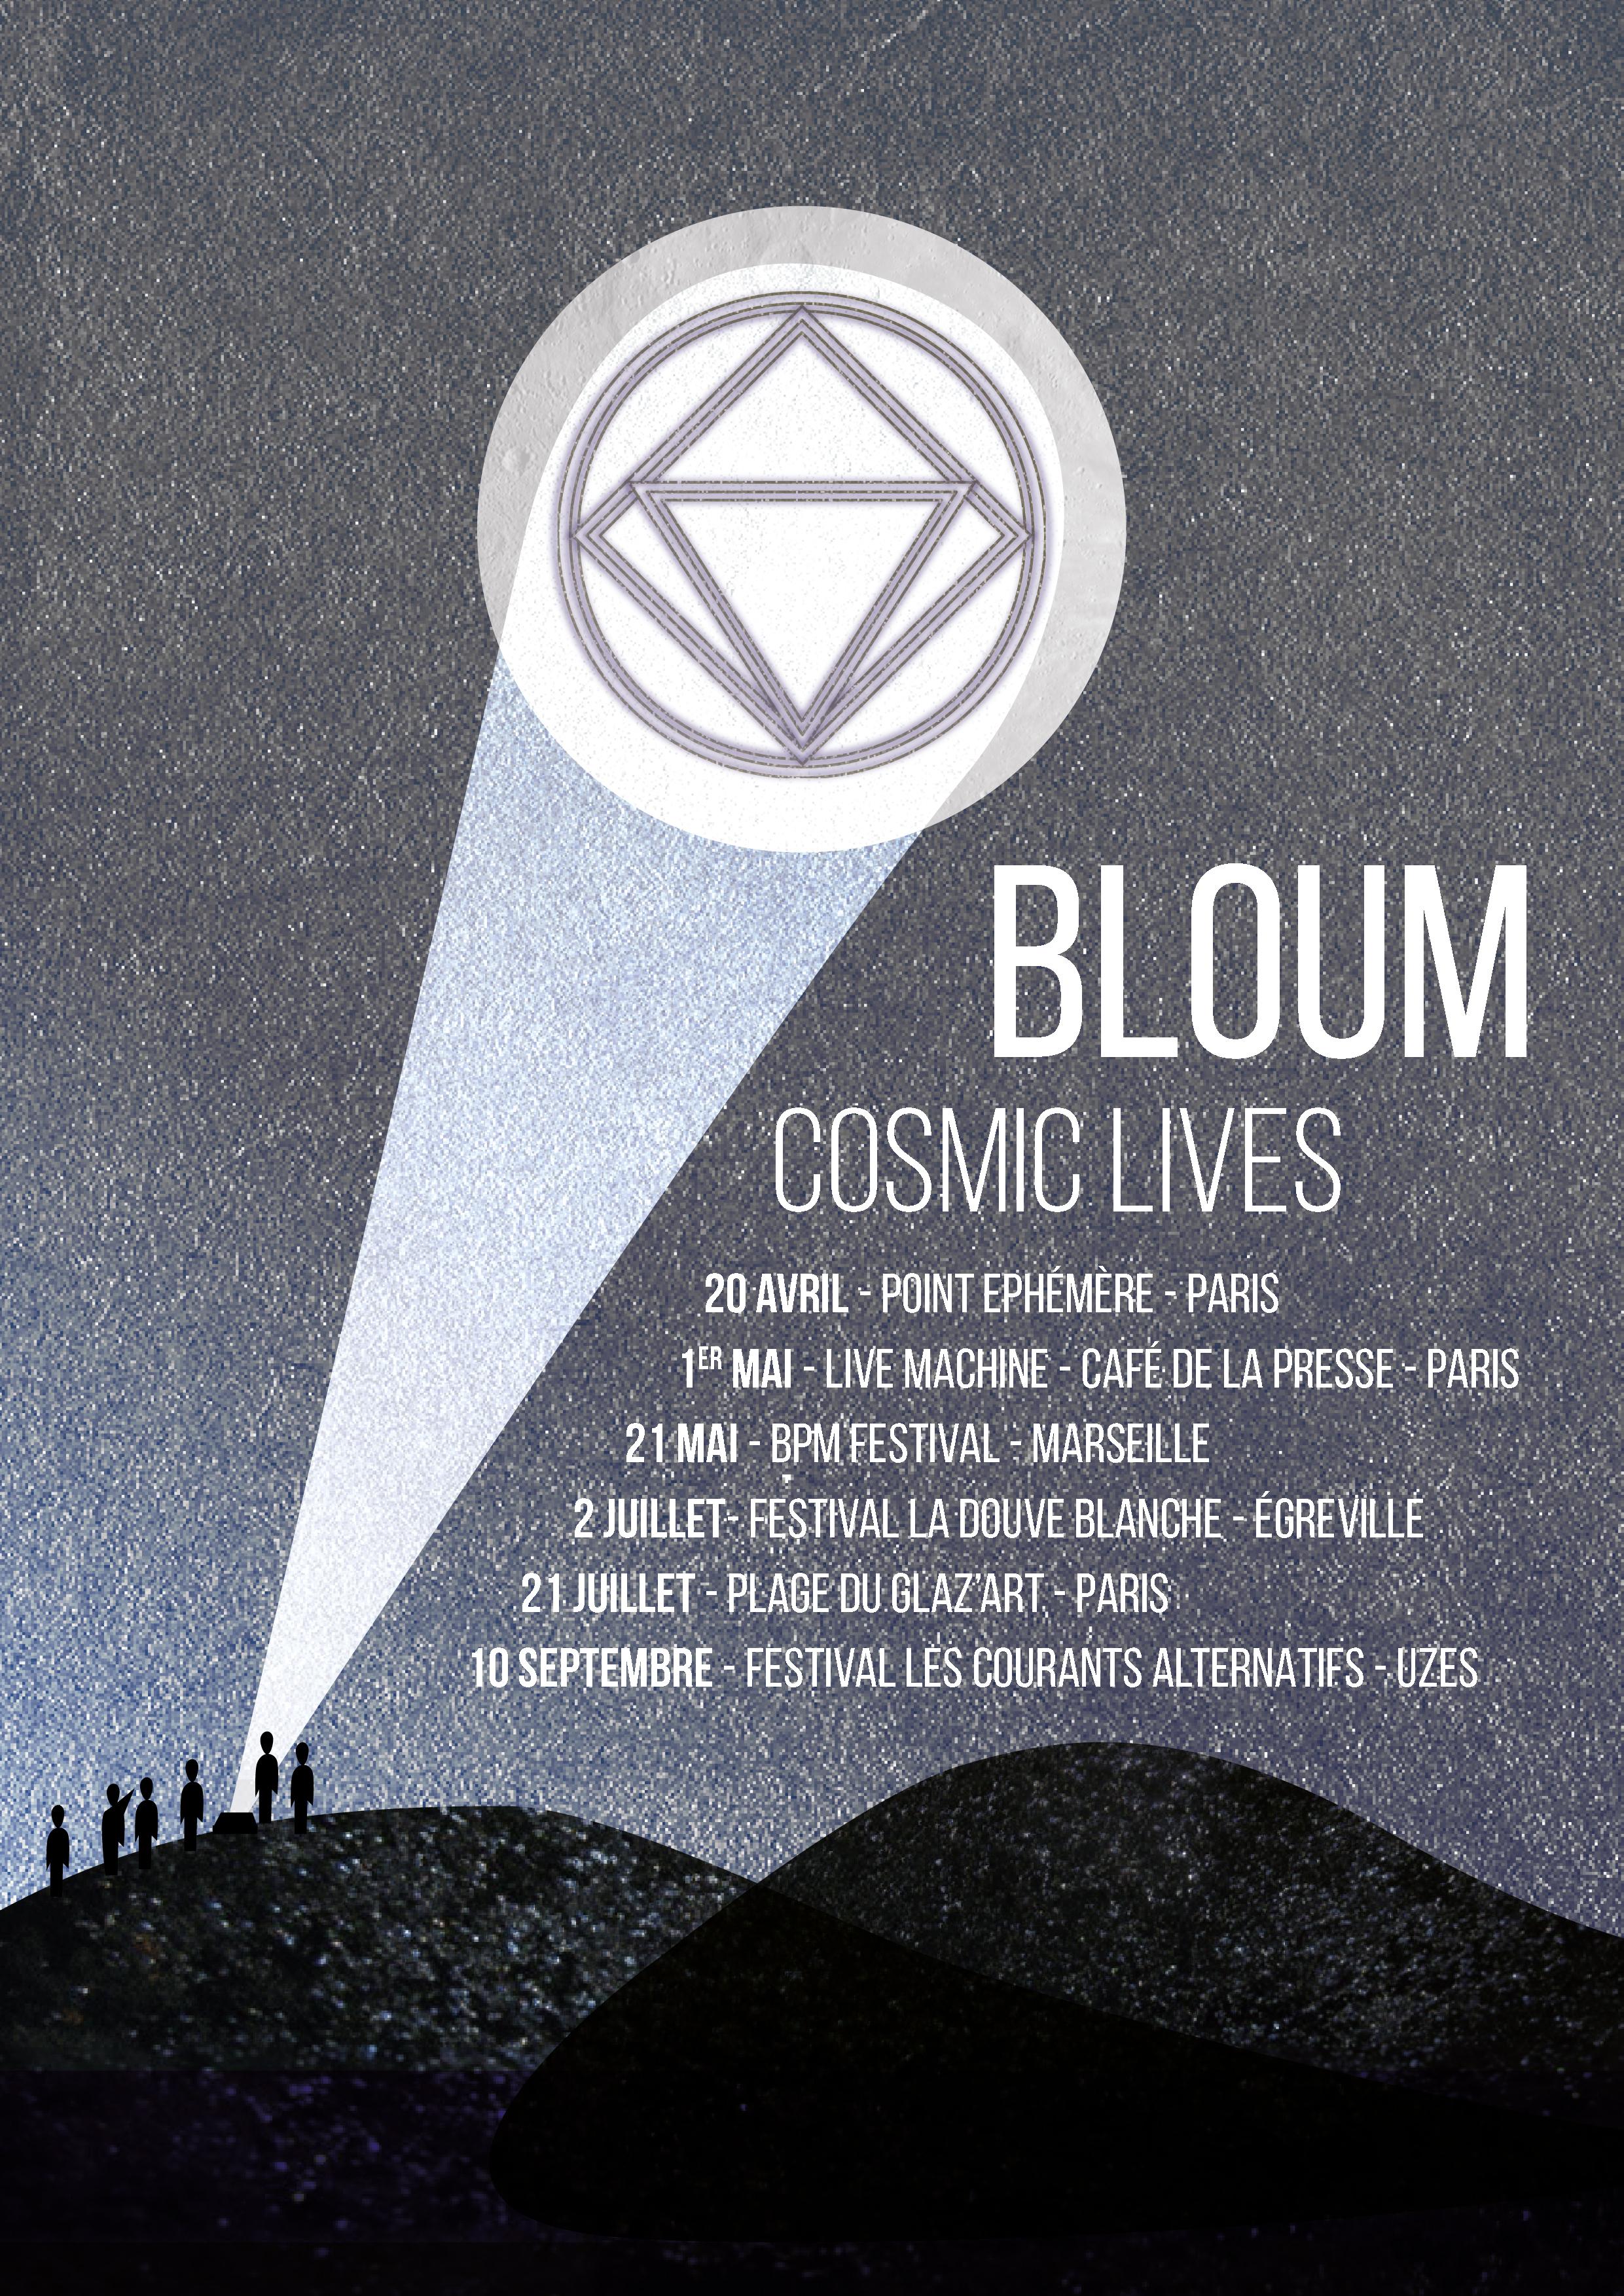 Affiche Cosmic Lives Bloum